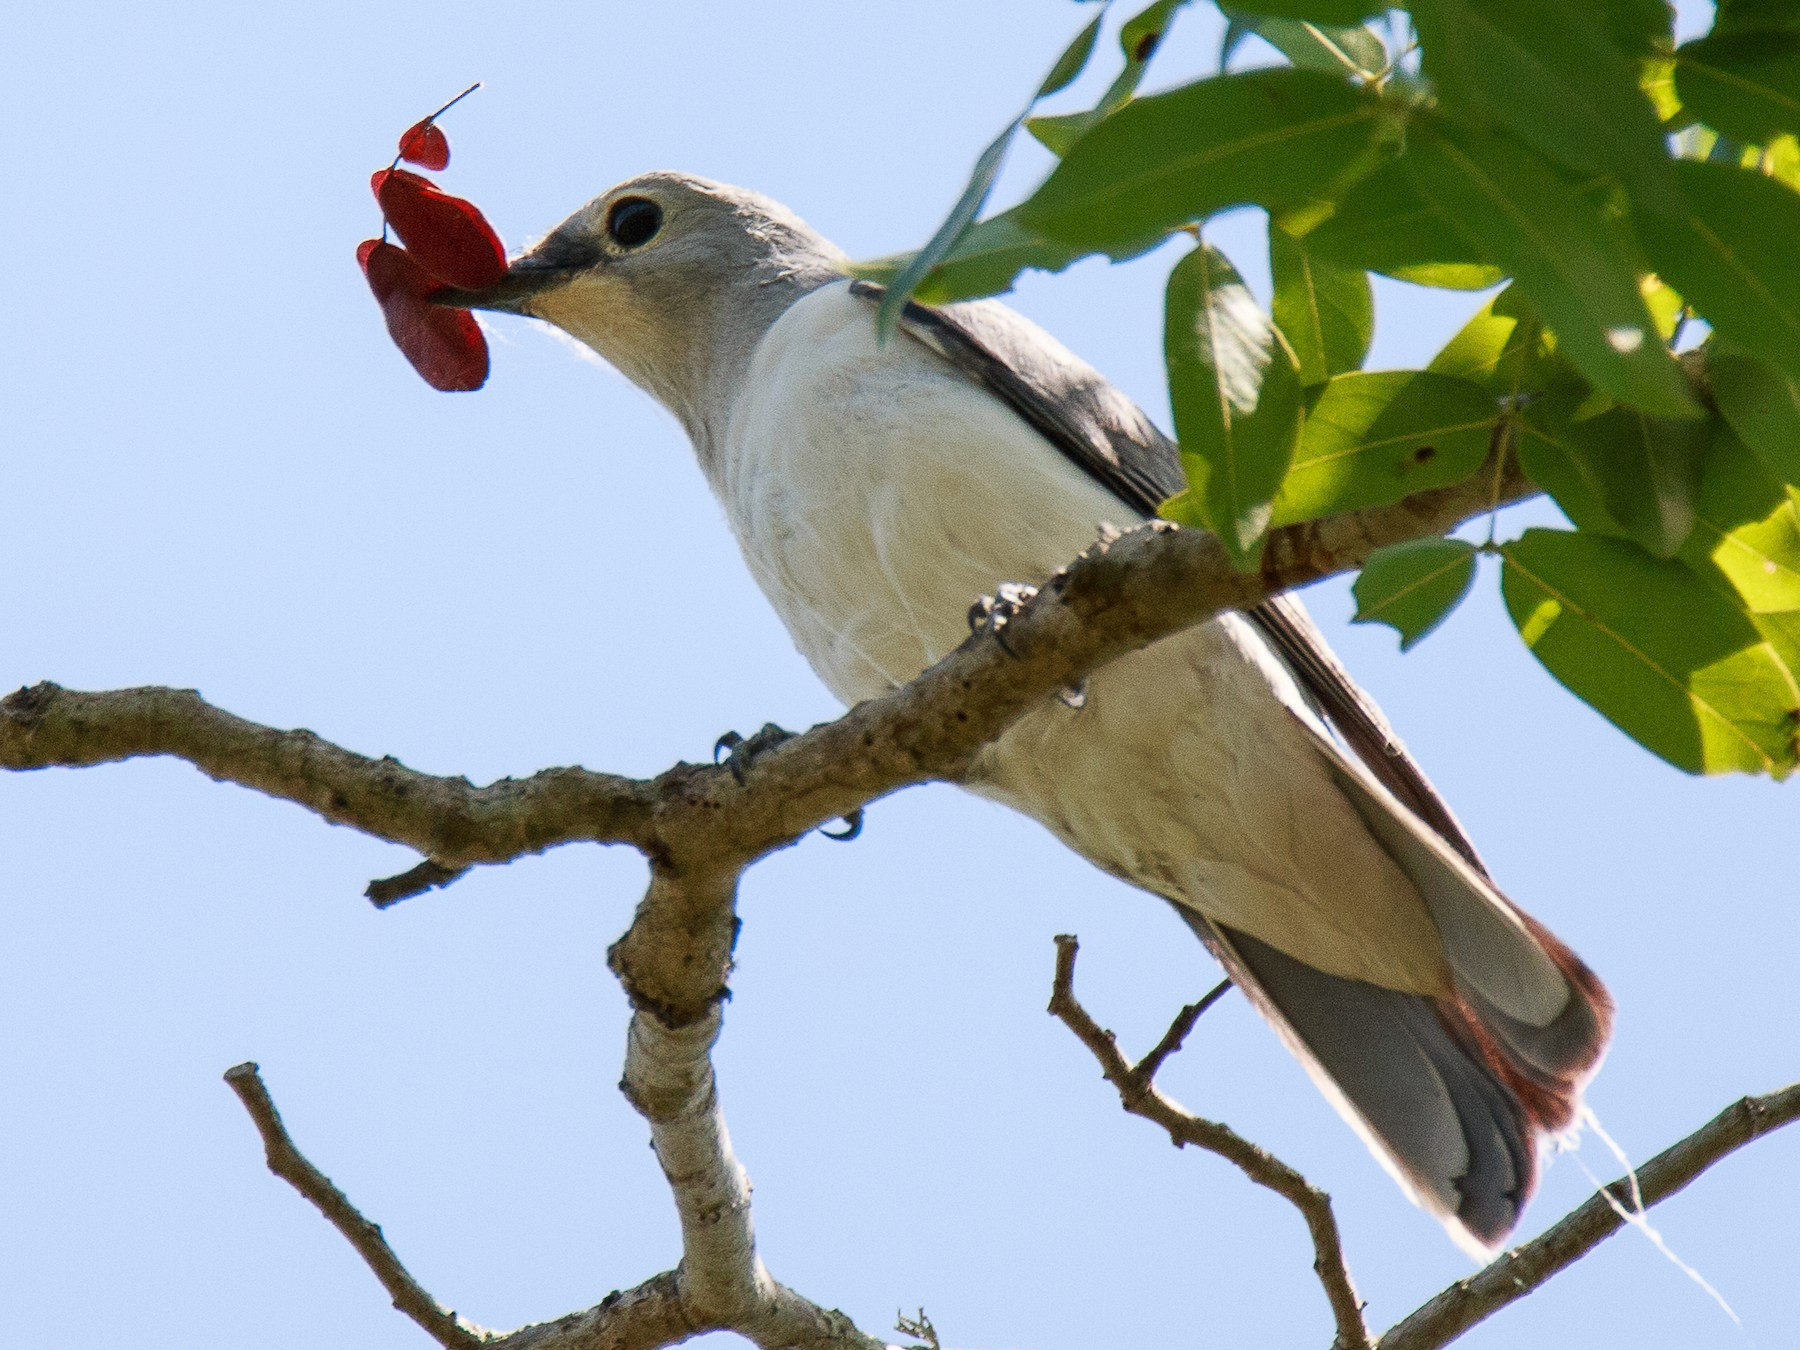 White-breasted Cuckooshrike - Karin Coetzer